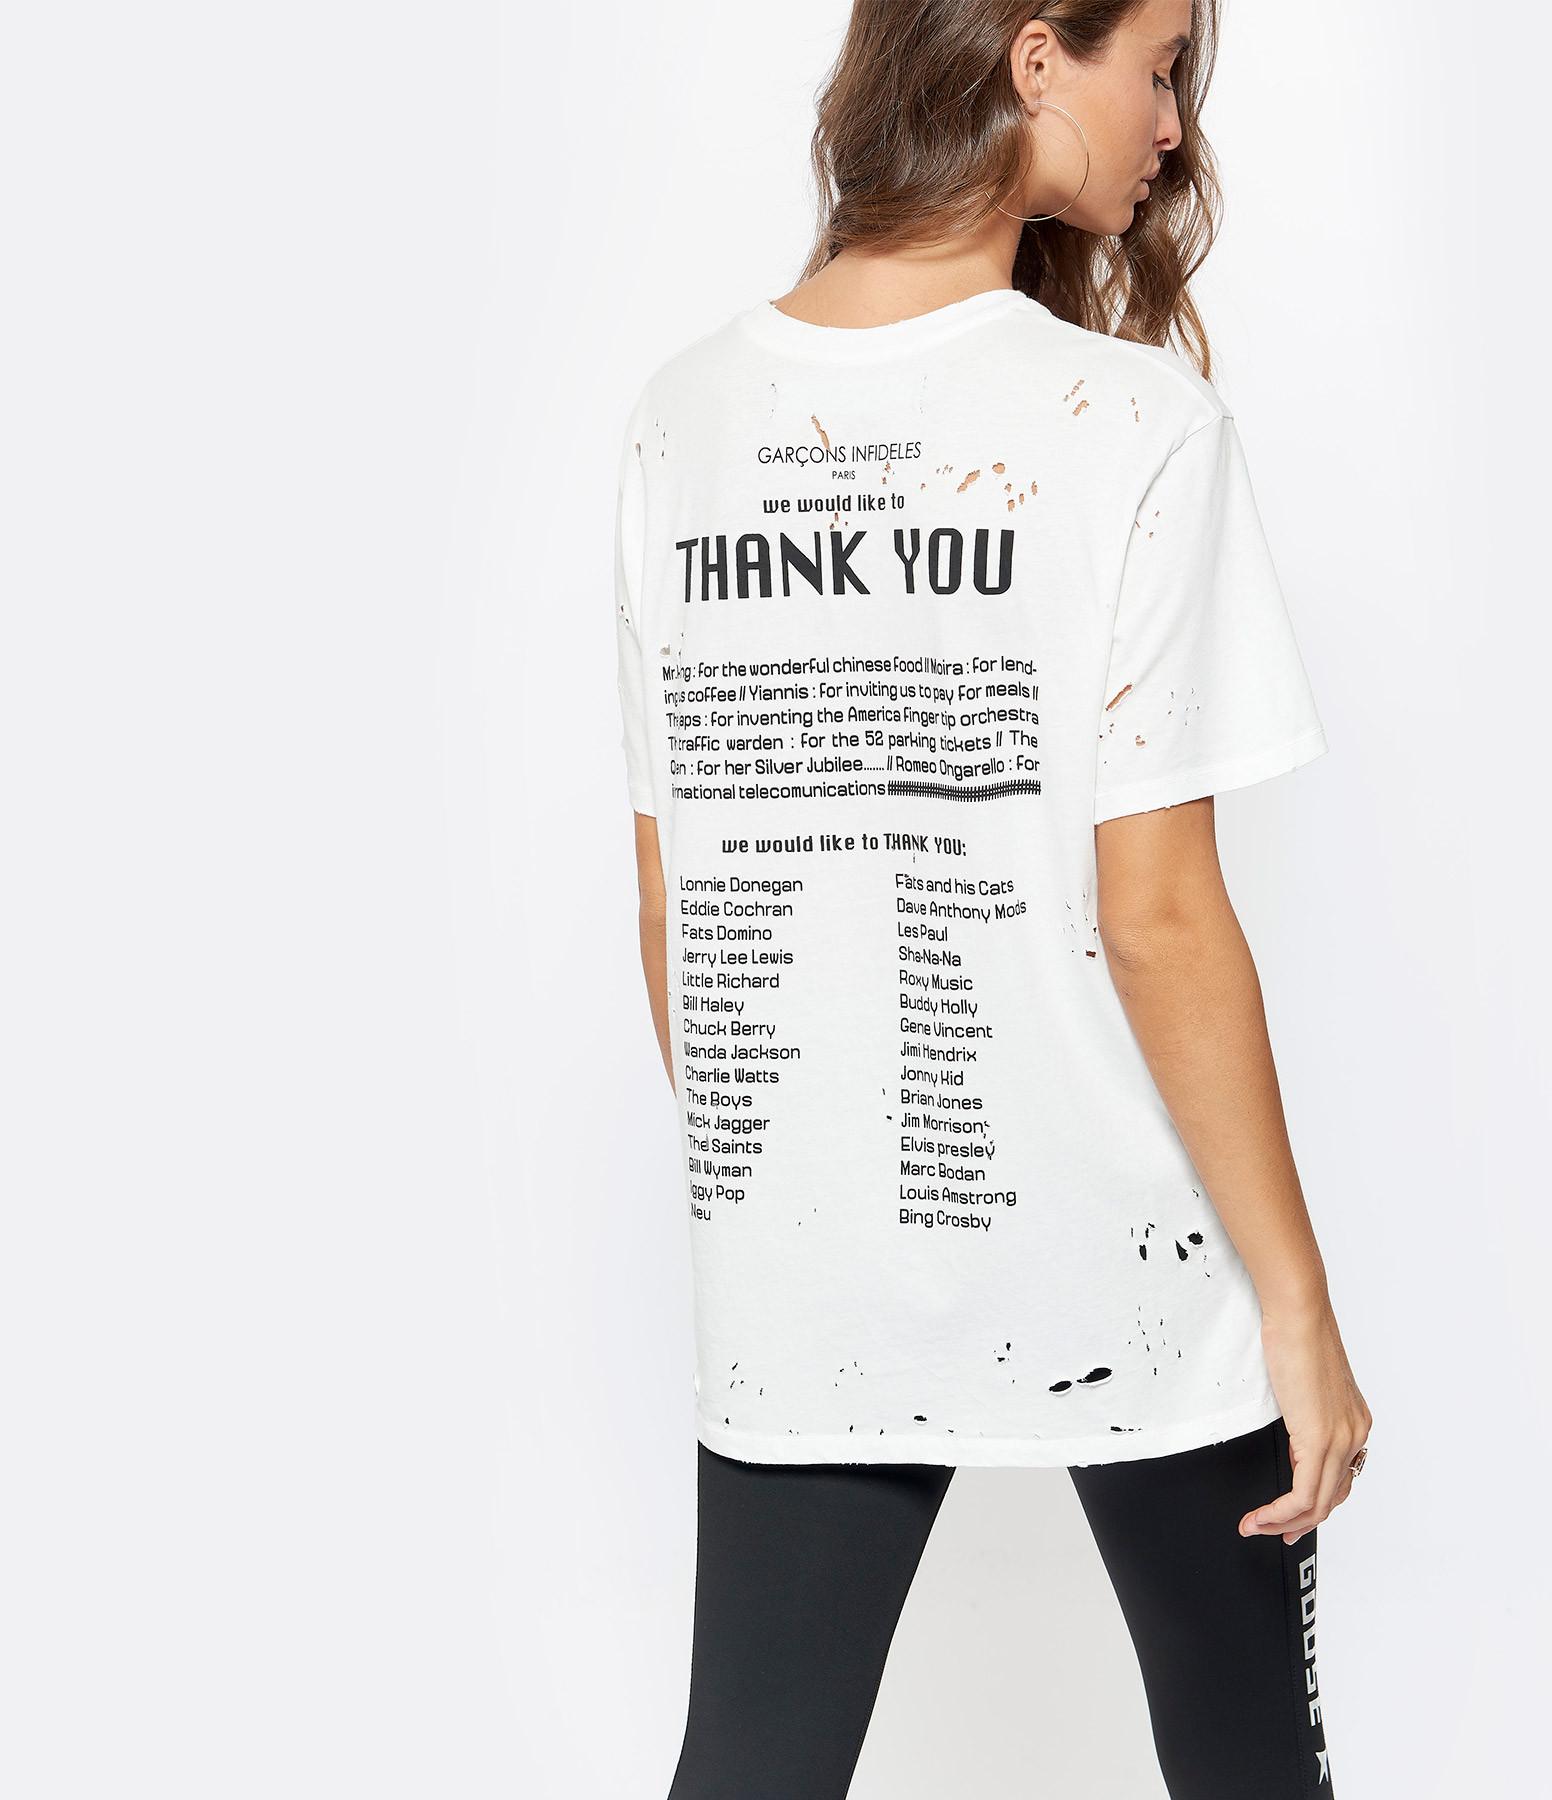 GARCONS INFIDELES - Tee-shirt Thank You Coton Ecru